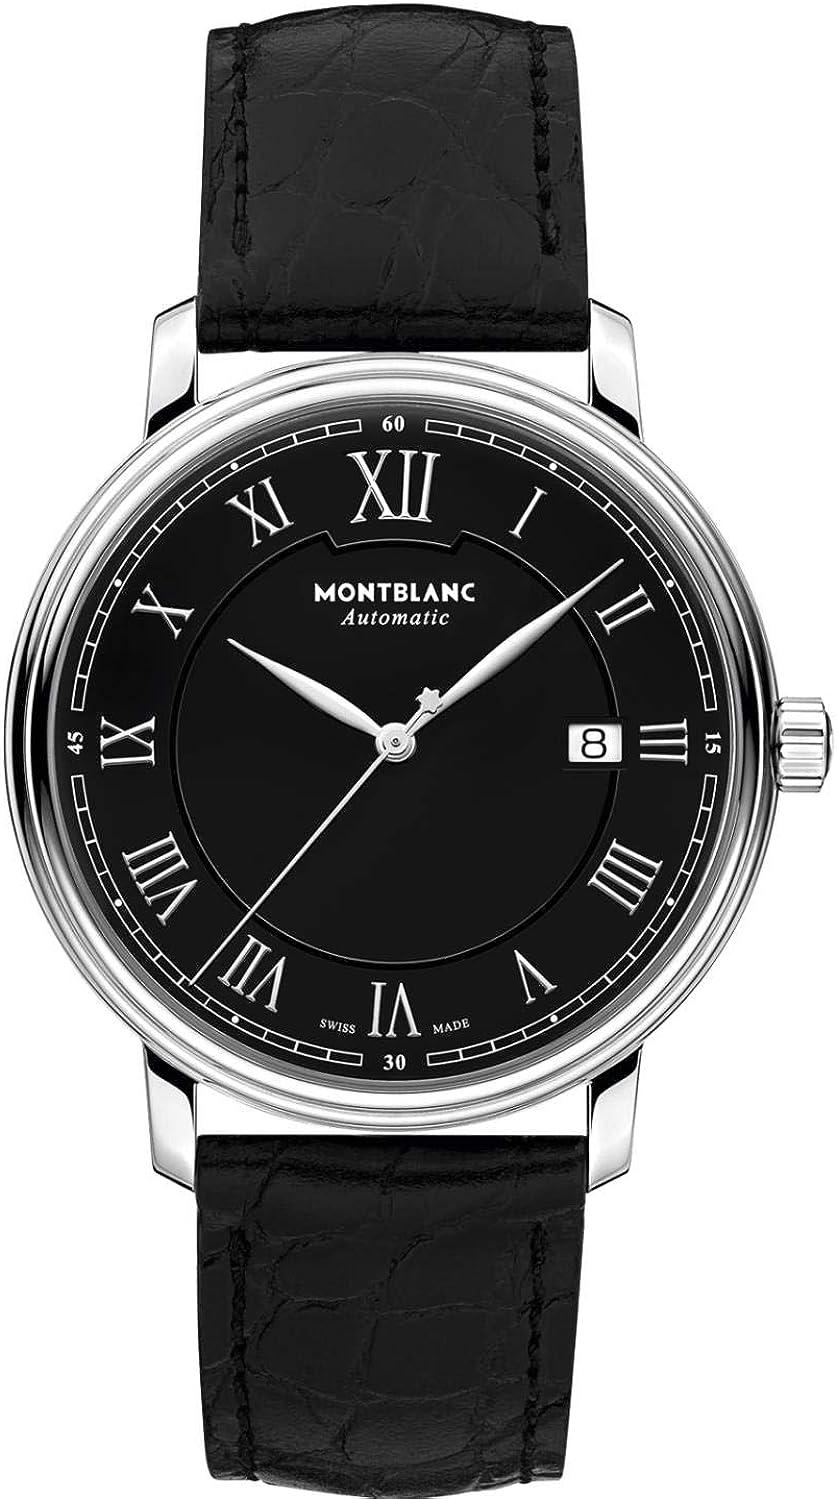 Montblanc Tradition Date Automatic - Reloj (Reloj de Pulsera, Masculino, Acero Inoxidable, Acero Inoxidable, Cuero, Negro)